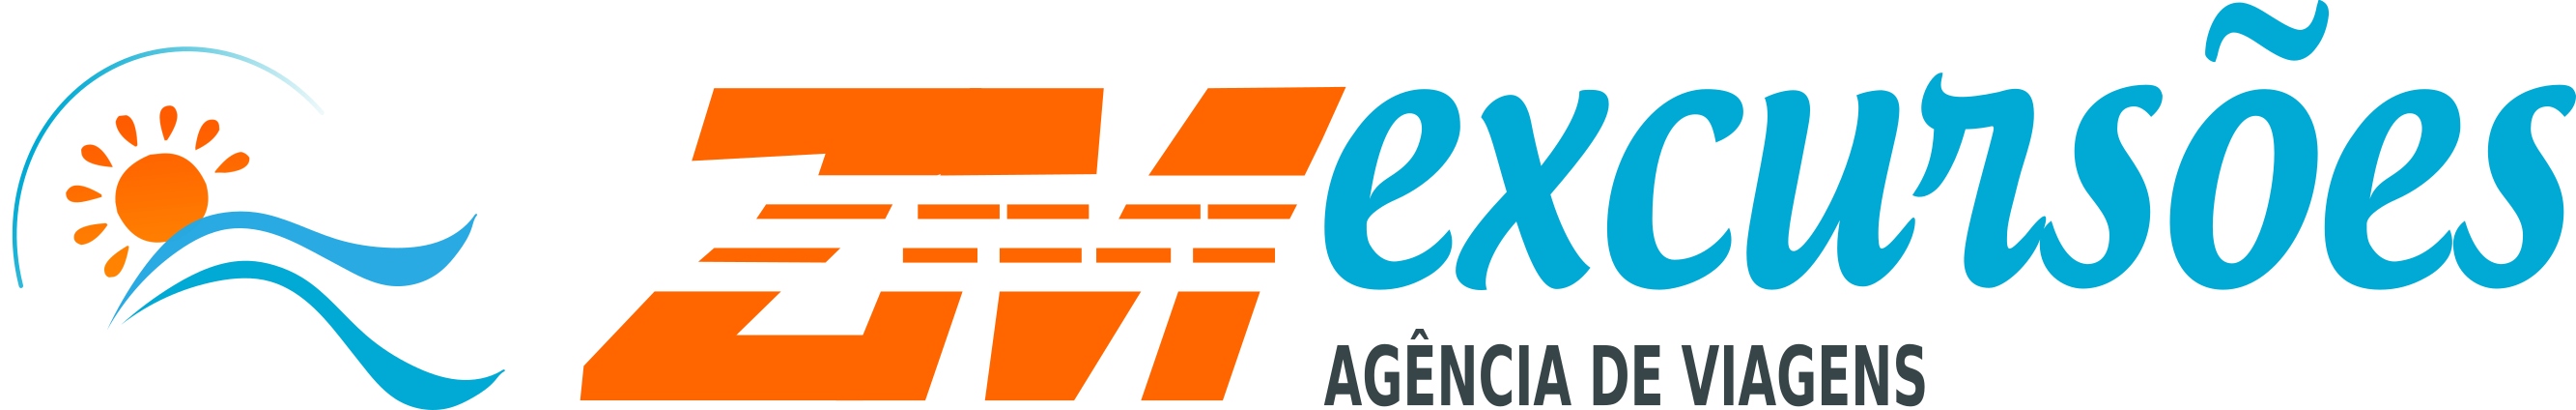 ZM EXCURSÕES | Agência de Viagens Iguape /SP